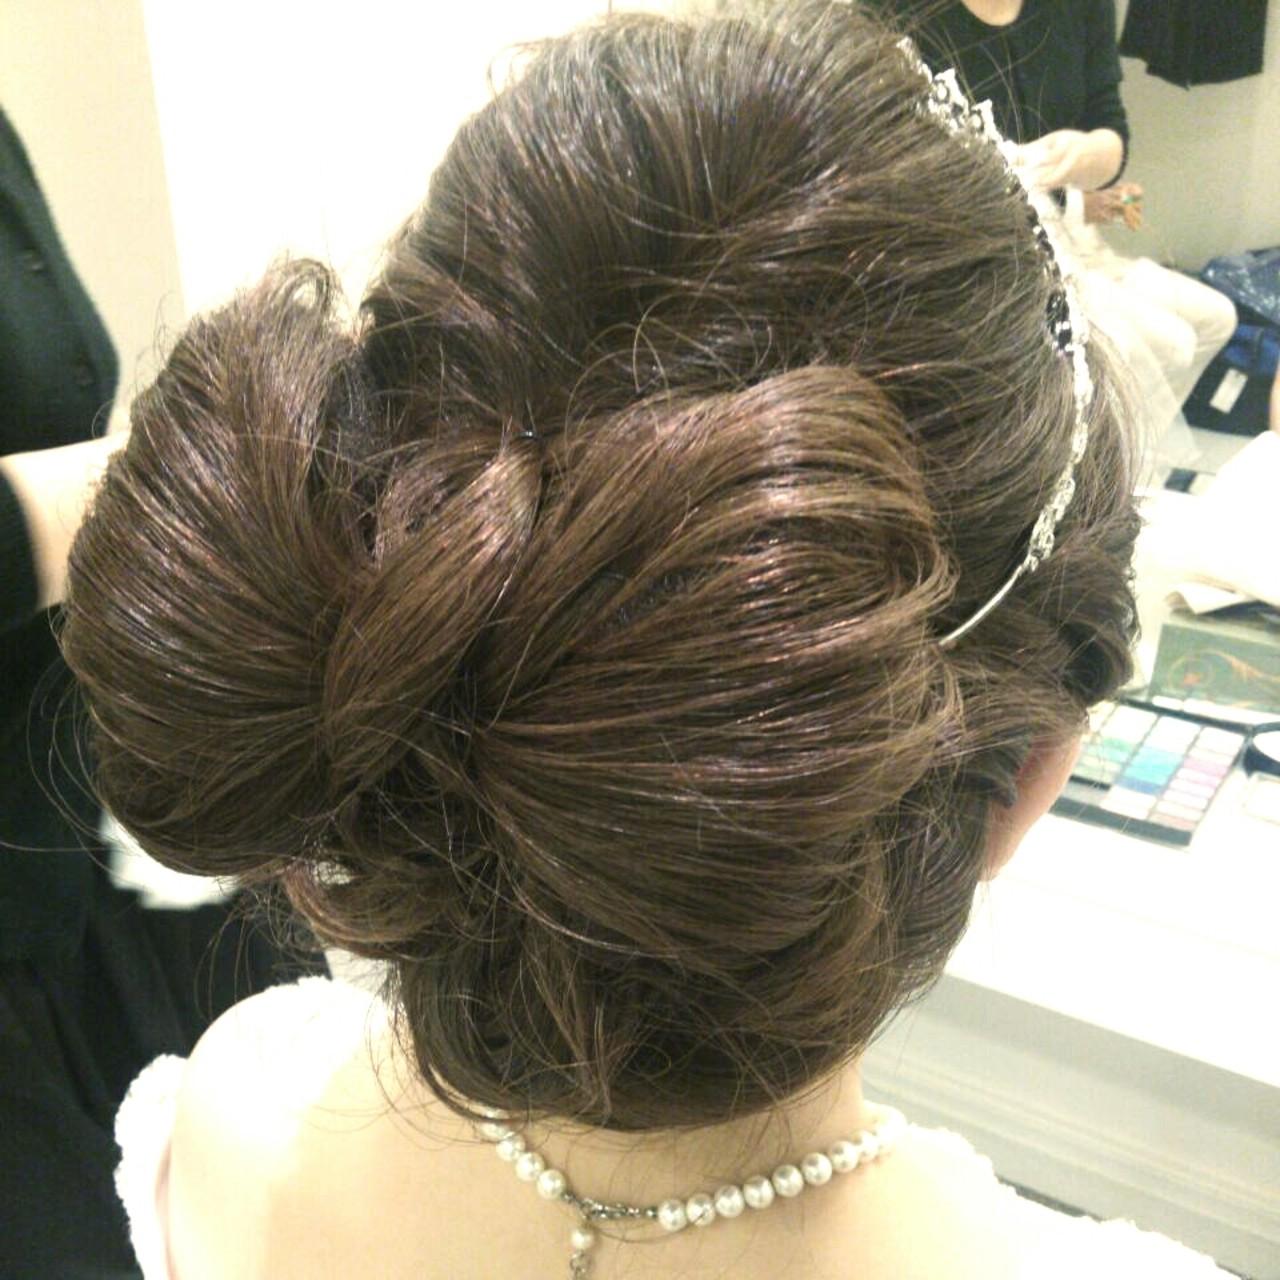 ヘアアレンジ ブライダル セミロング 結婚式 ヘアスタイルや髪型の写真・画像 | 美和遥 FITZ(フィッツ) / 富士美容院 FITZ (フィッツ)